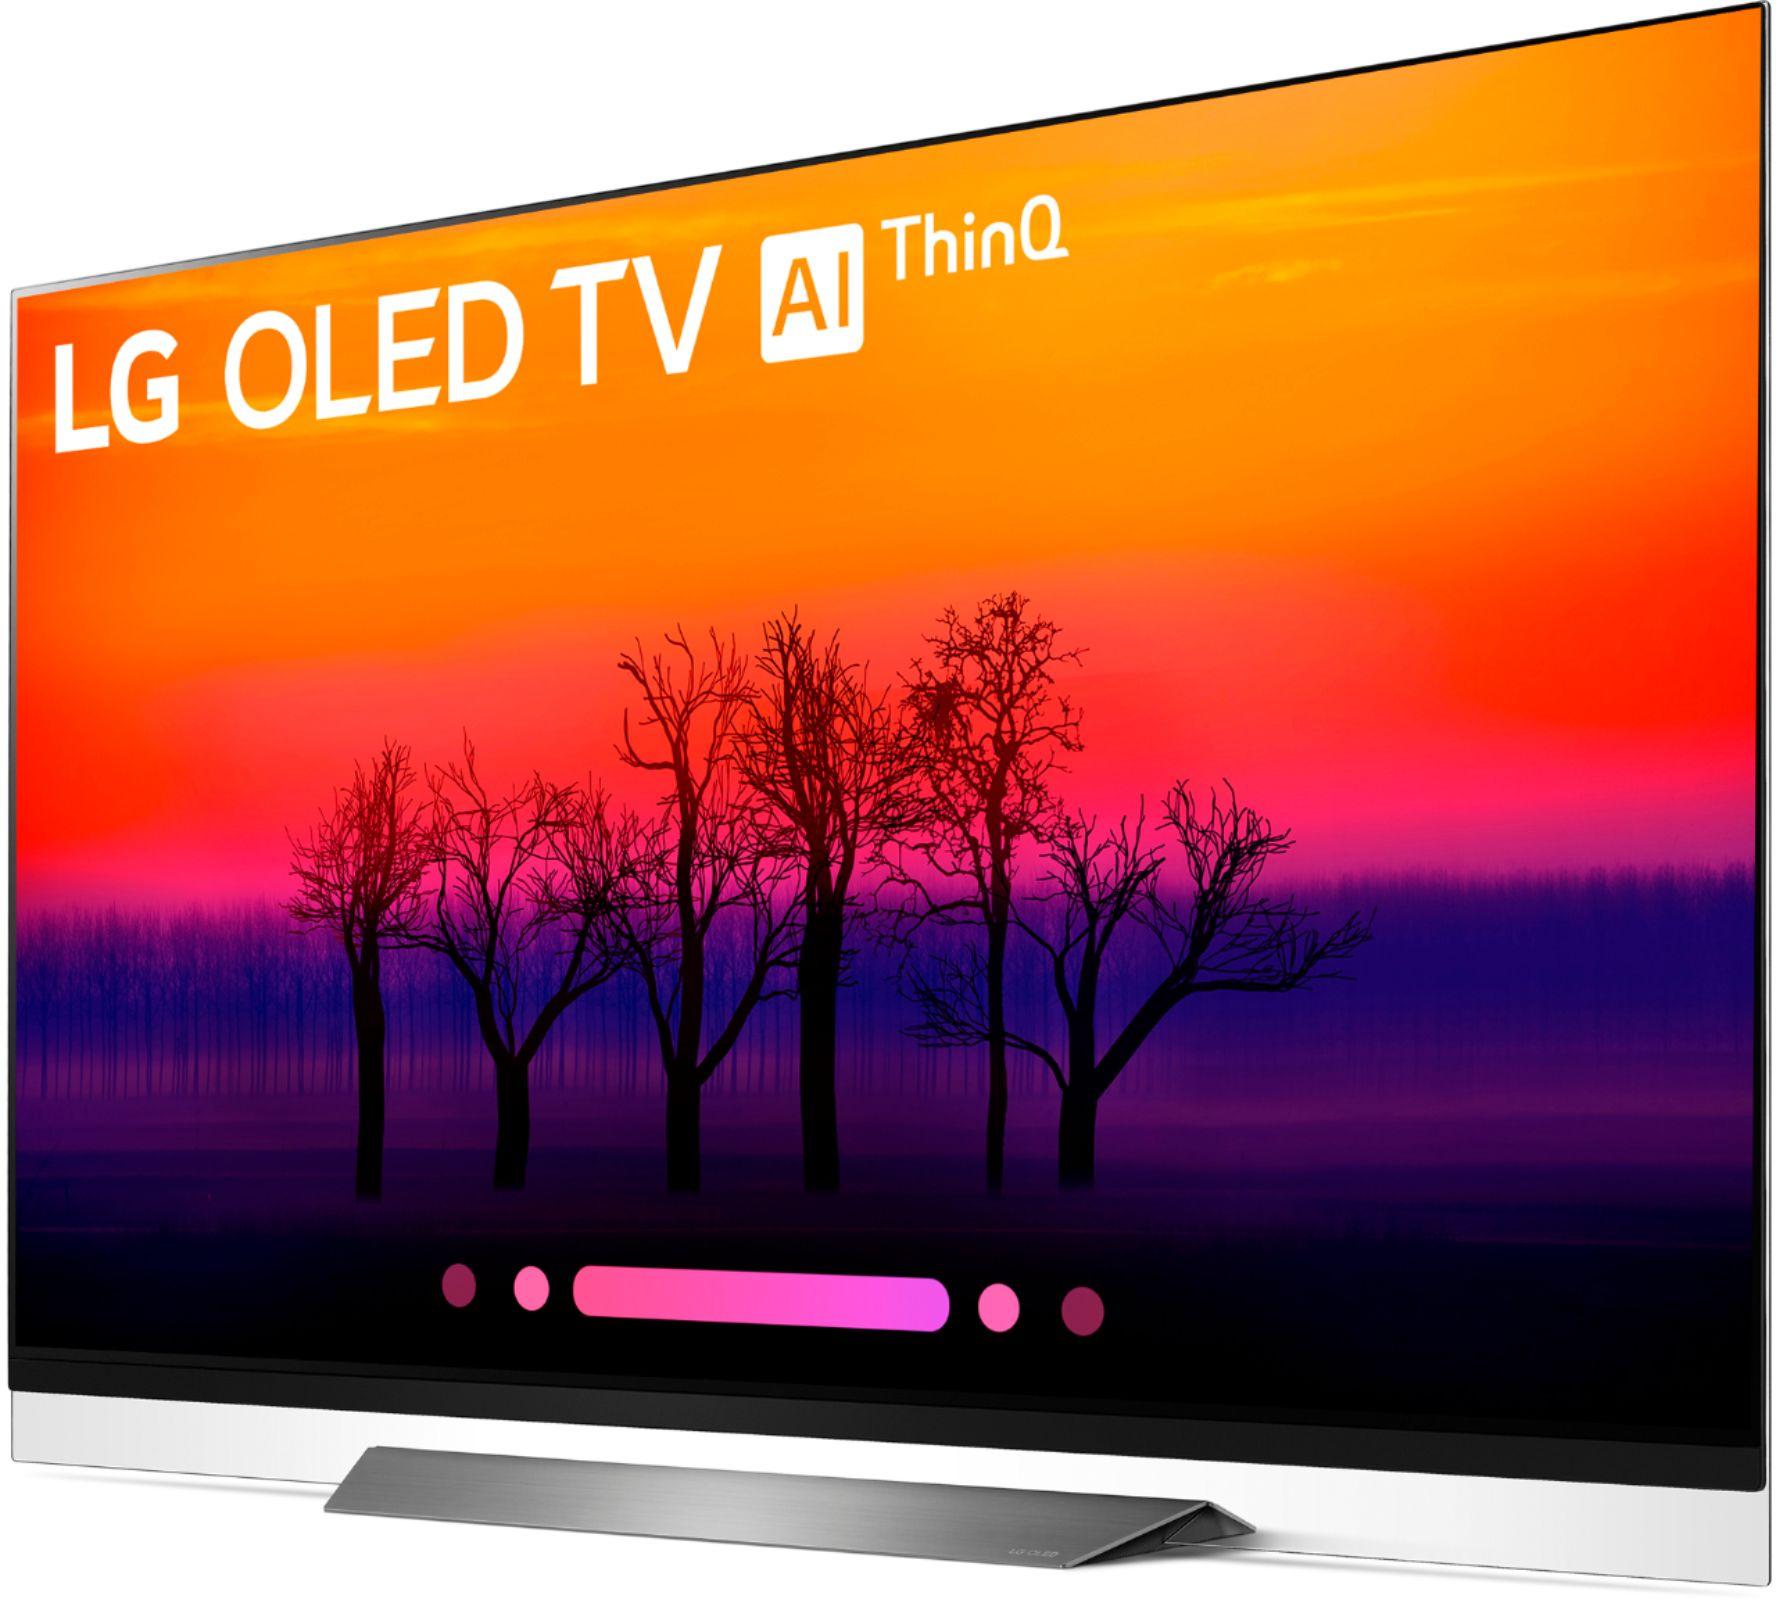 Image 2 for LG OLED55E8PUA